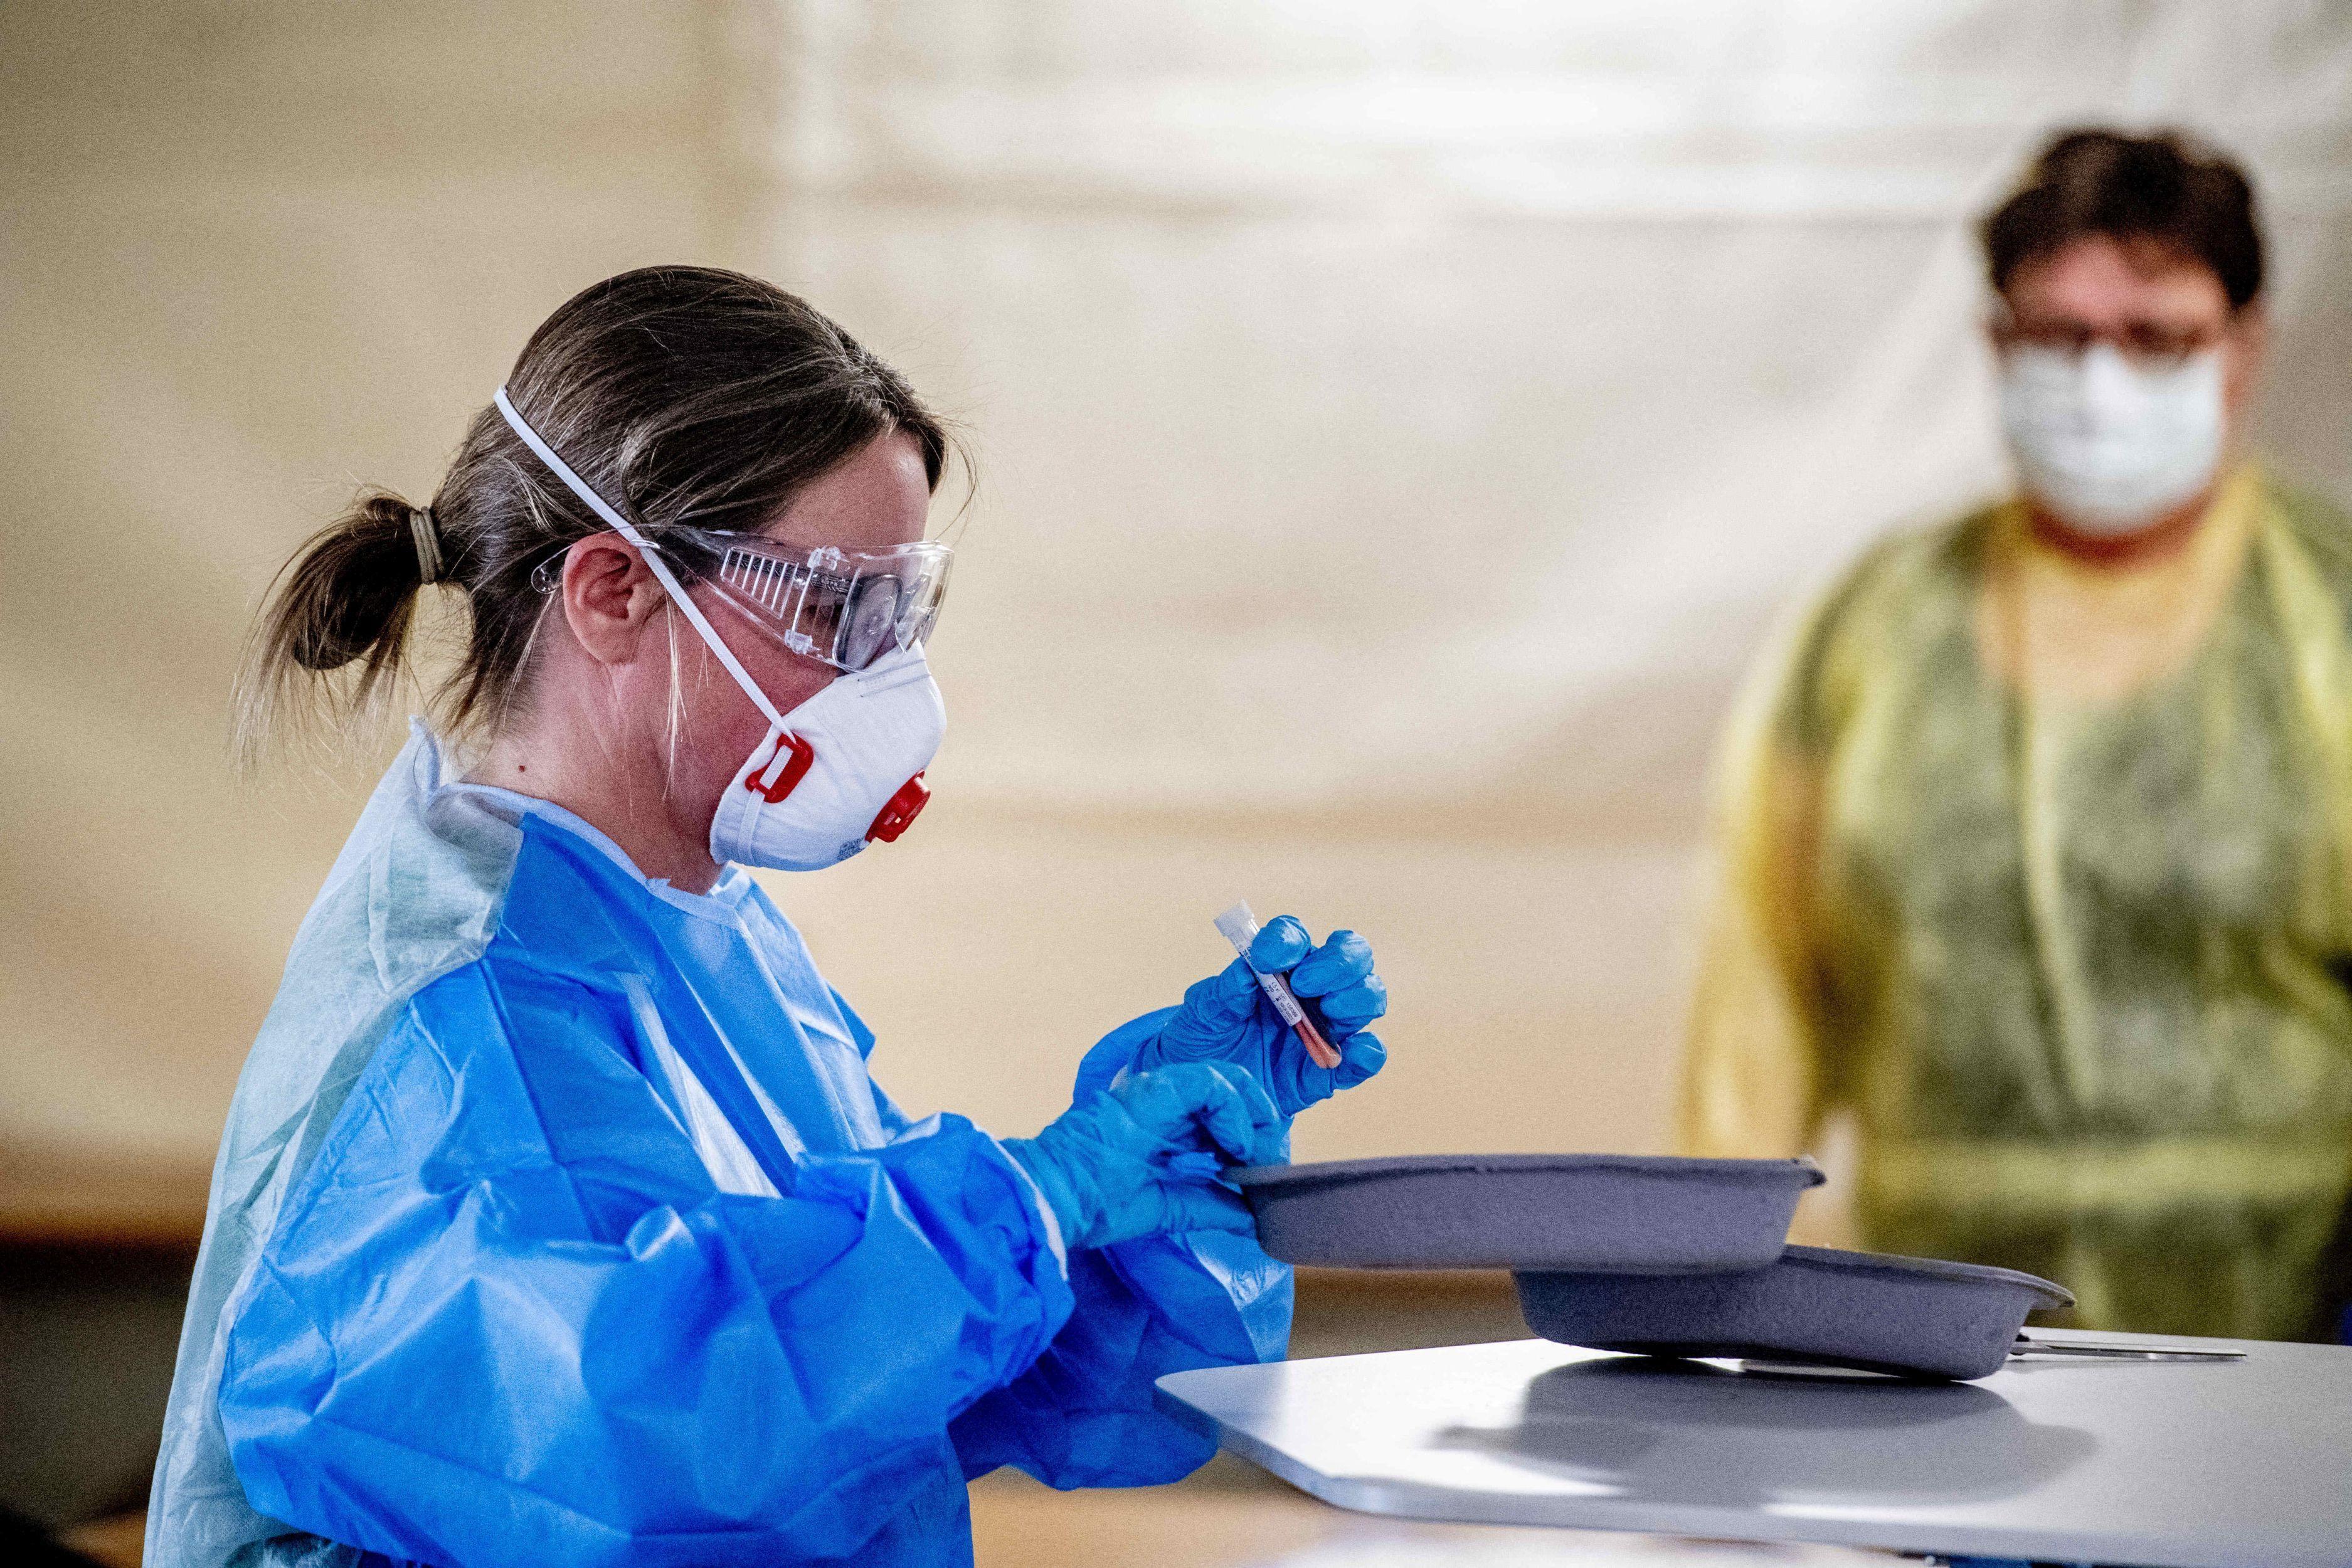 Bilanț coronavirus în România, 16 aprilie. Peste 3.000 de cazuri noi, în ultimele 24 de ore. 1.493 de persoane la ATI